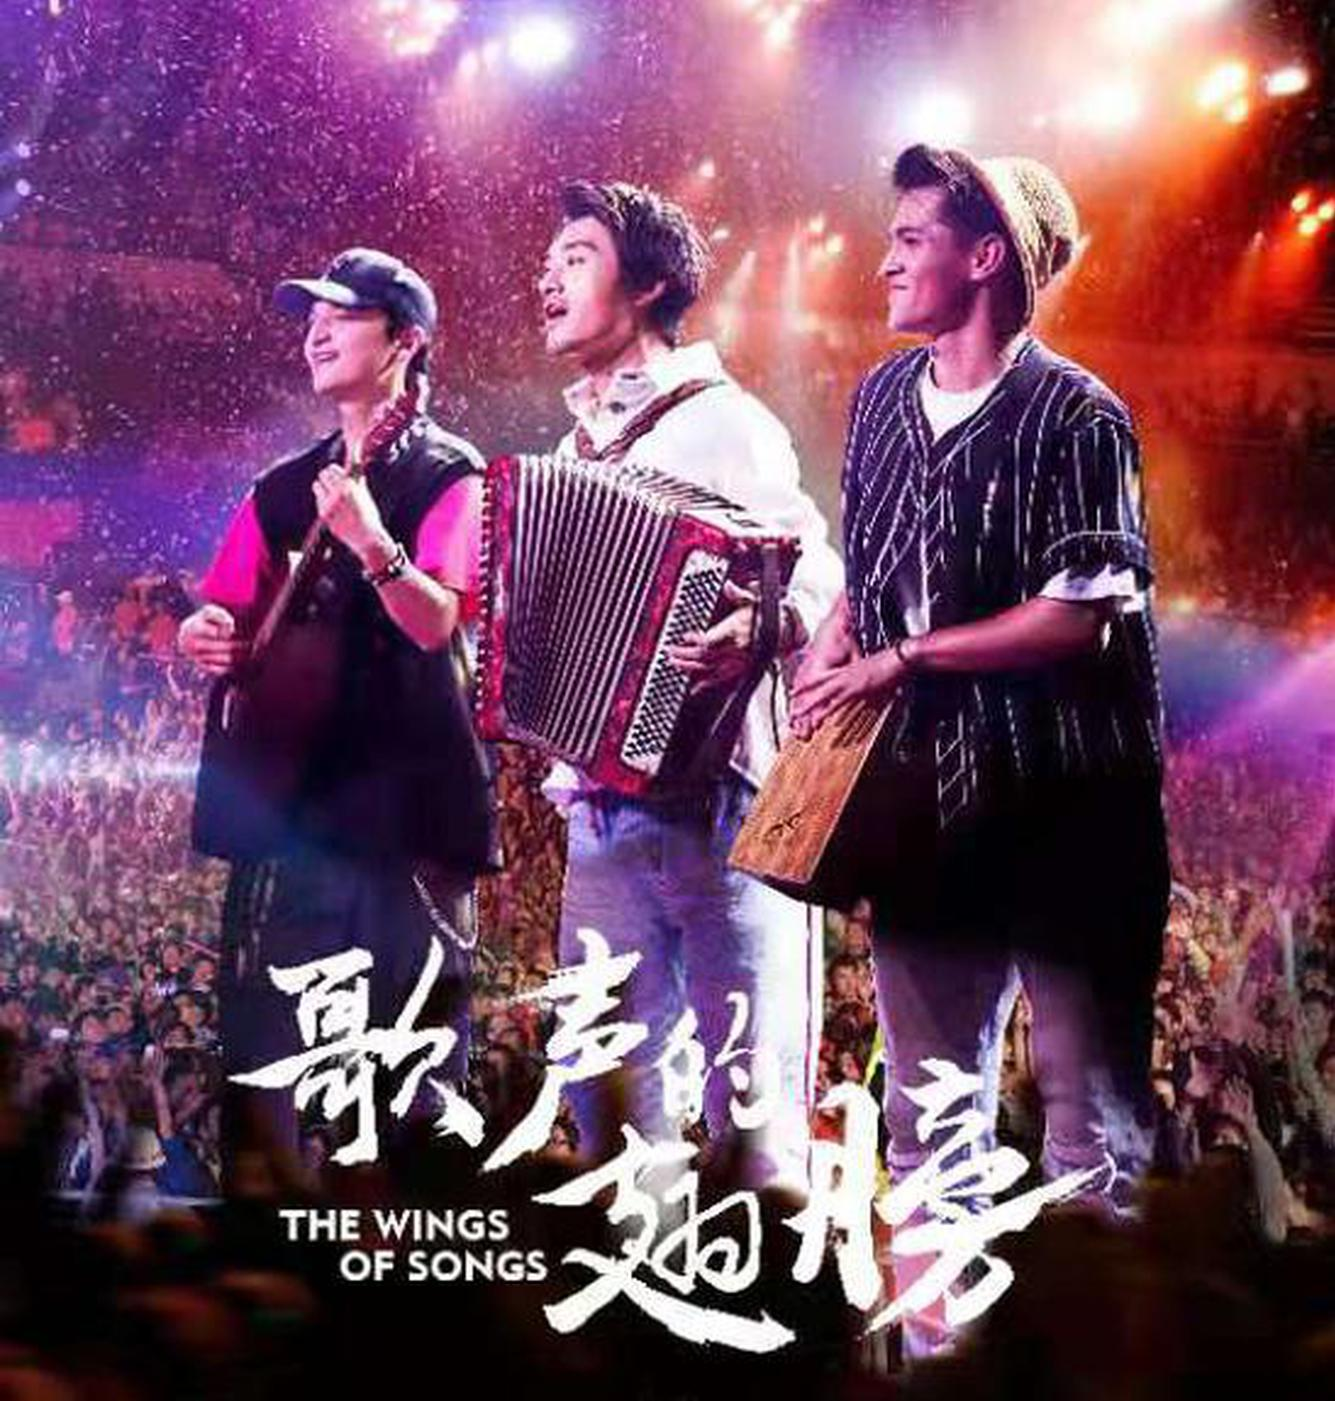 编剧李牧时谈《歌声的翅膀》:力争为新时代中国歌舞电影提供崭新模式